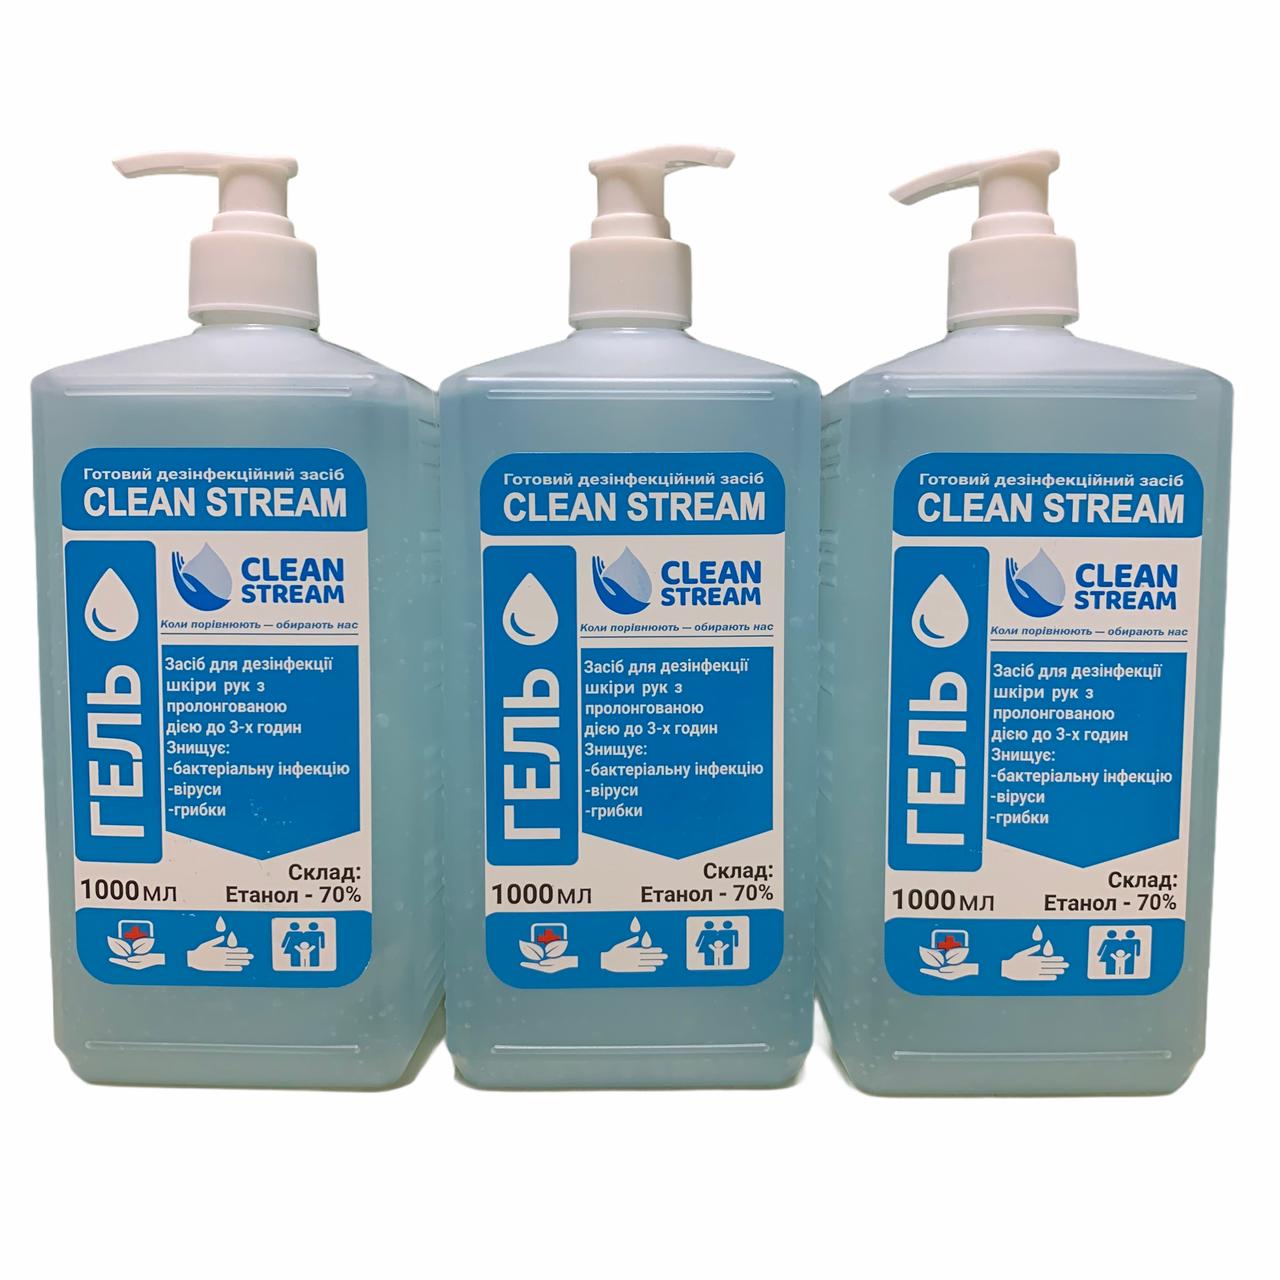 Дезінфікуючий засіб CLEAN STREAM ГЕЛЕВА форма 1 л (квадратний флакон з дозатором)